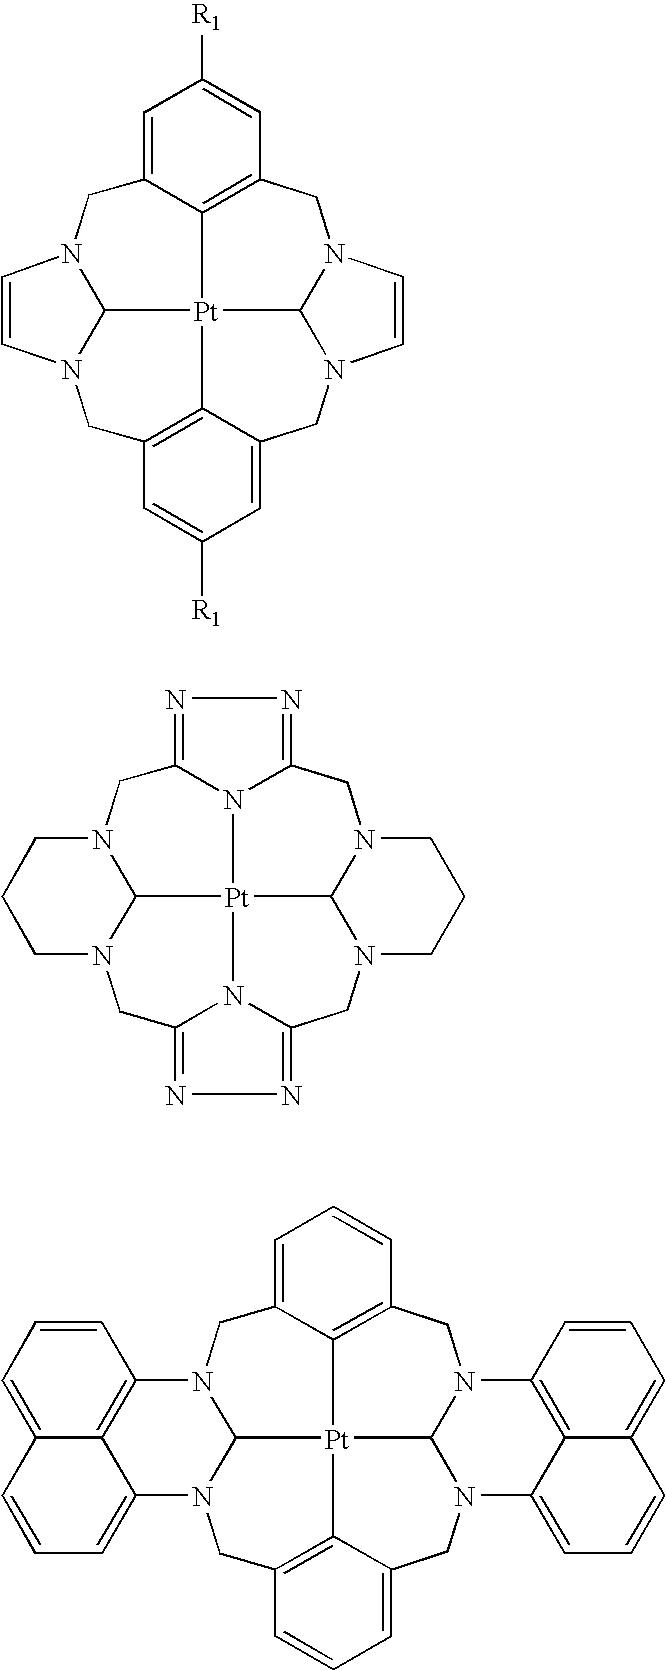 Figure US20050260445A1-20051124-C00040